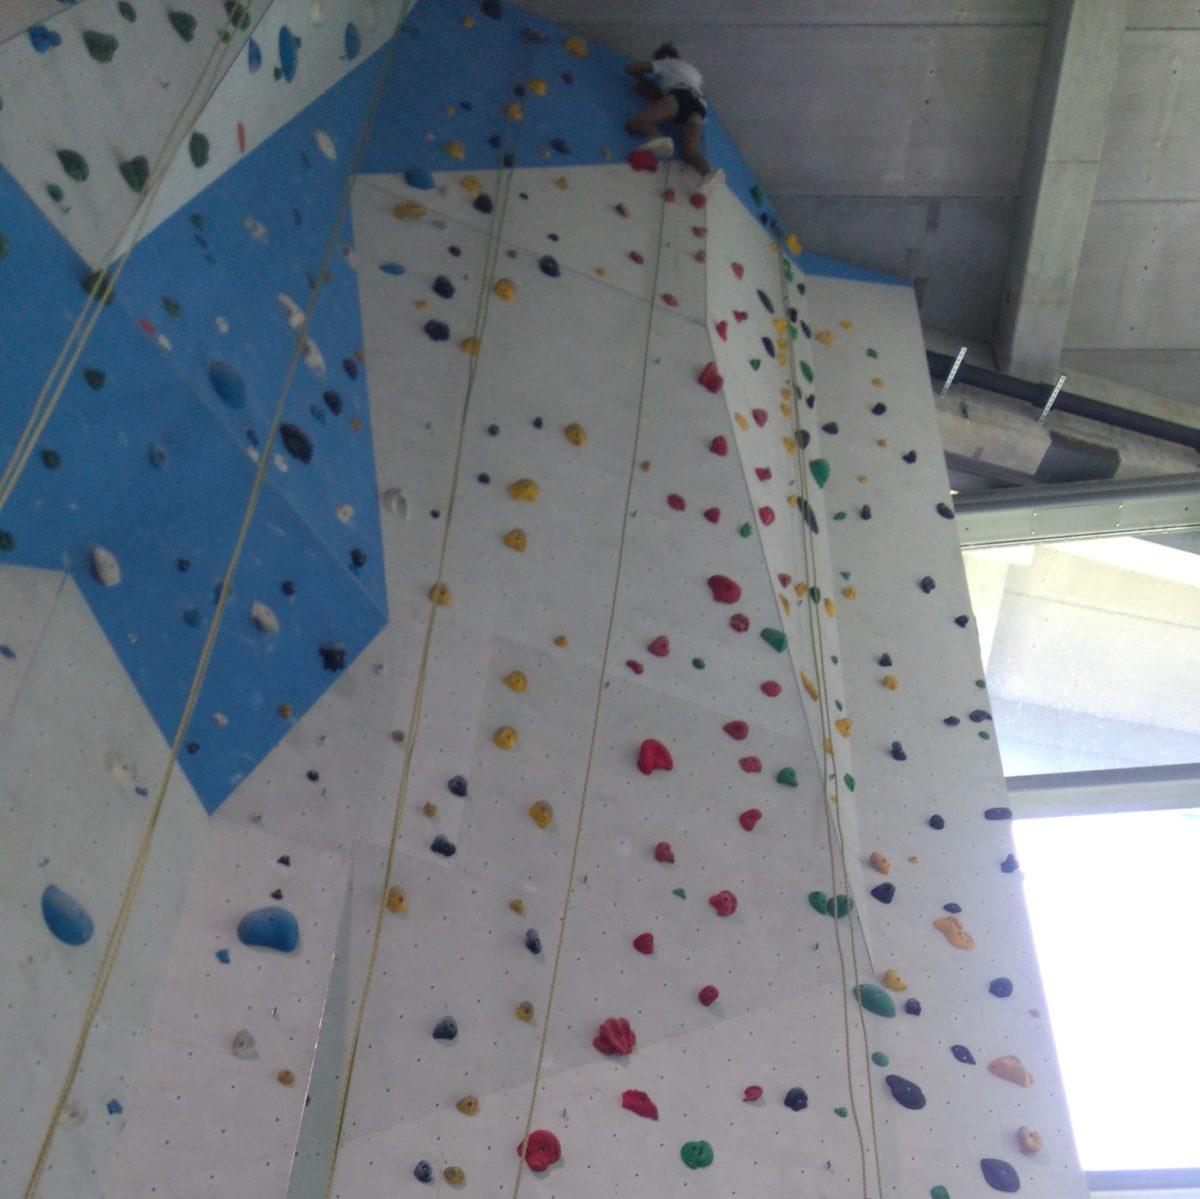 SchüFi-Kinder hoch hinaus: Couragierte Schüler erobern Nordwandhalle